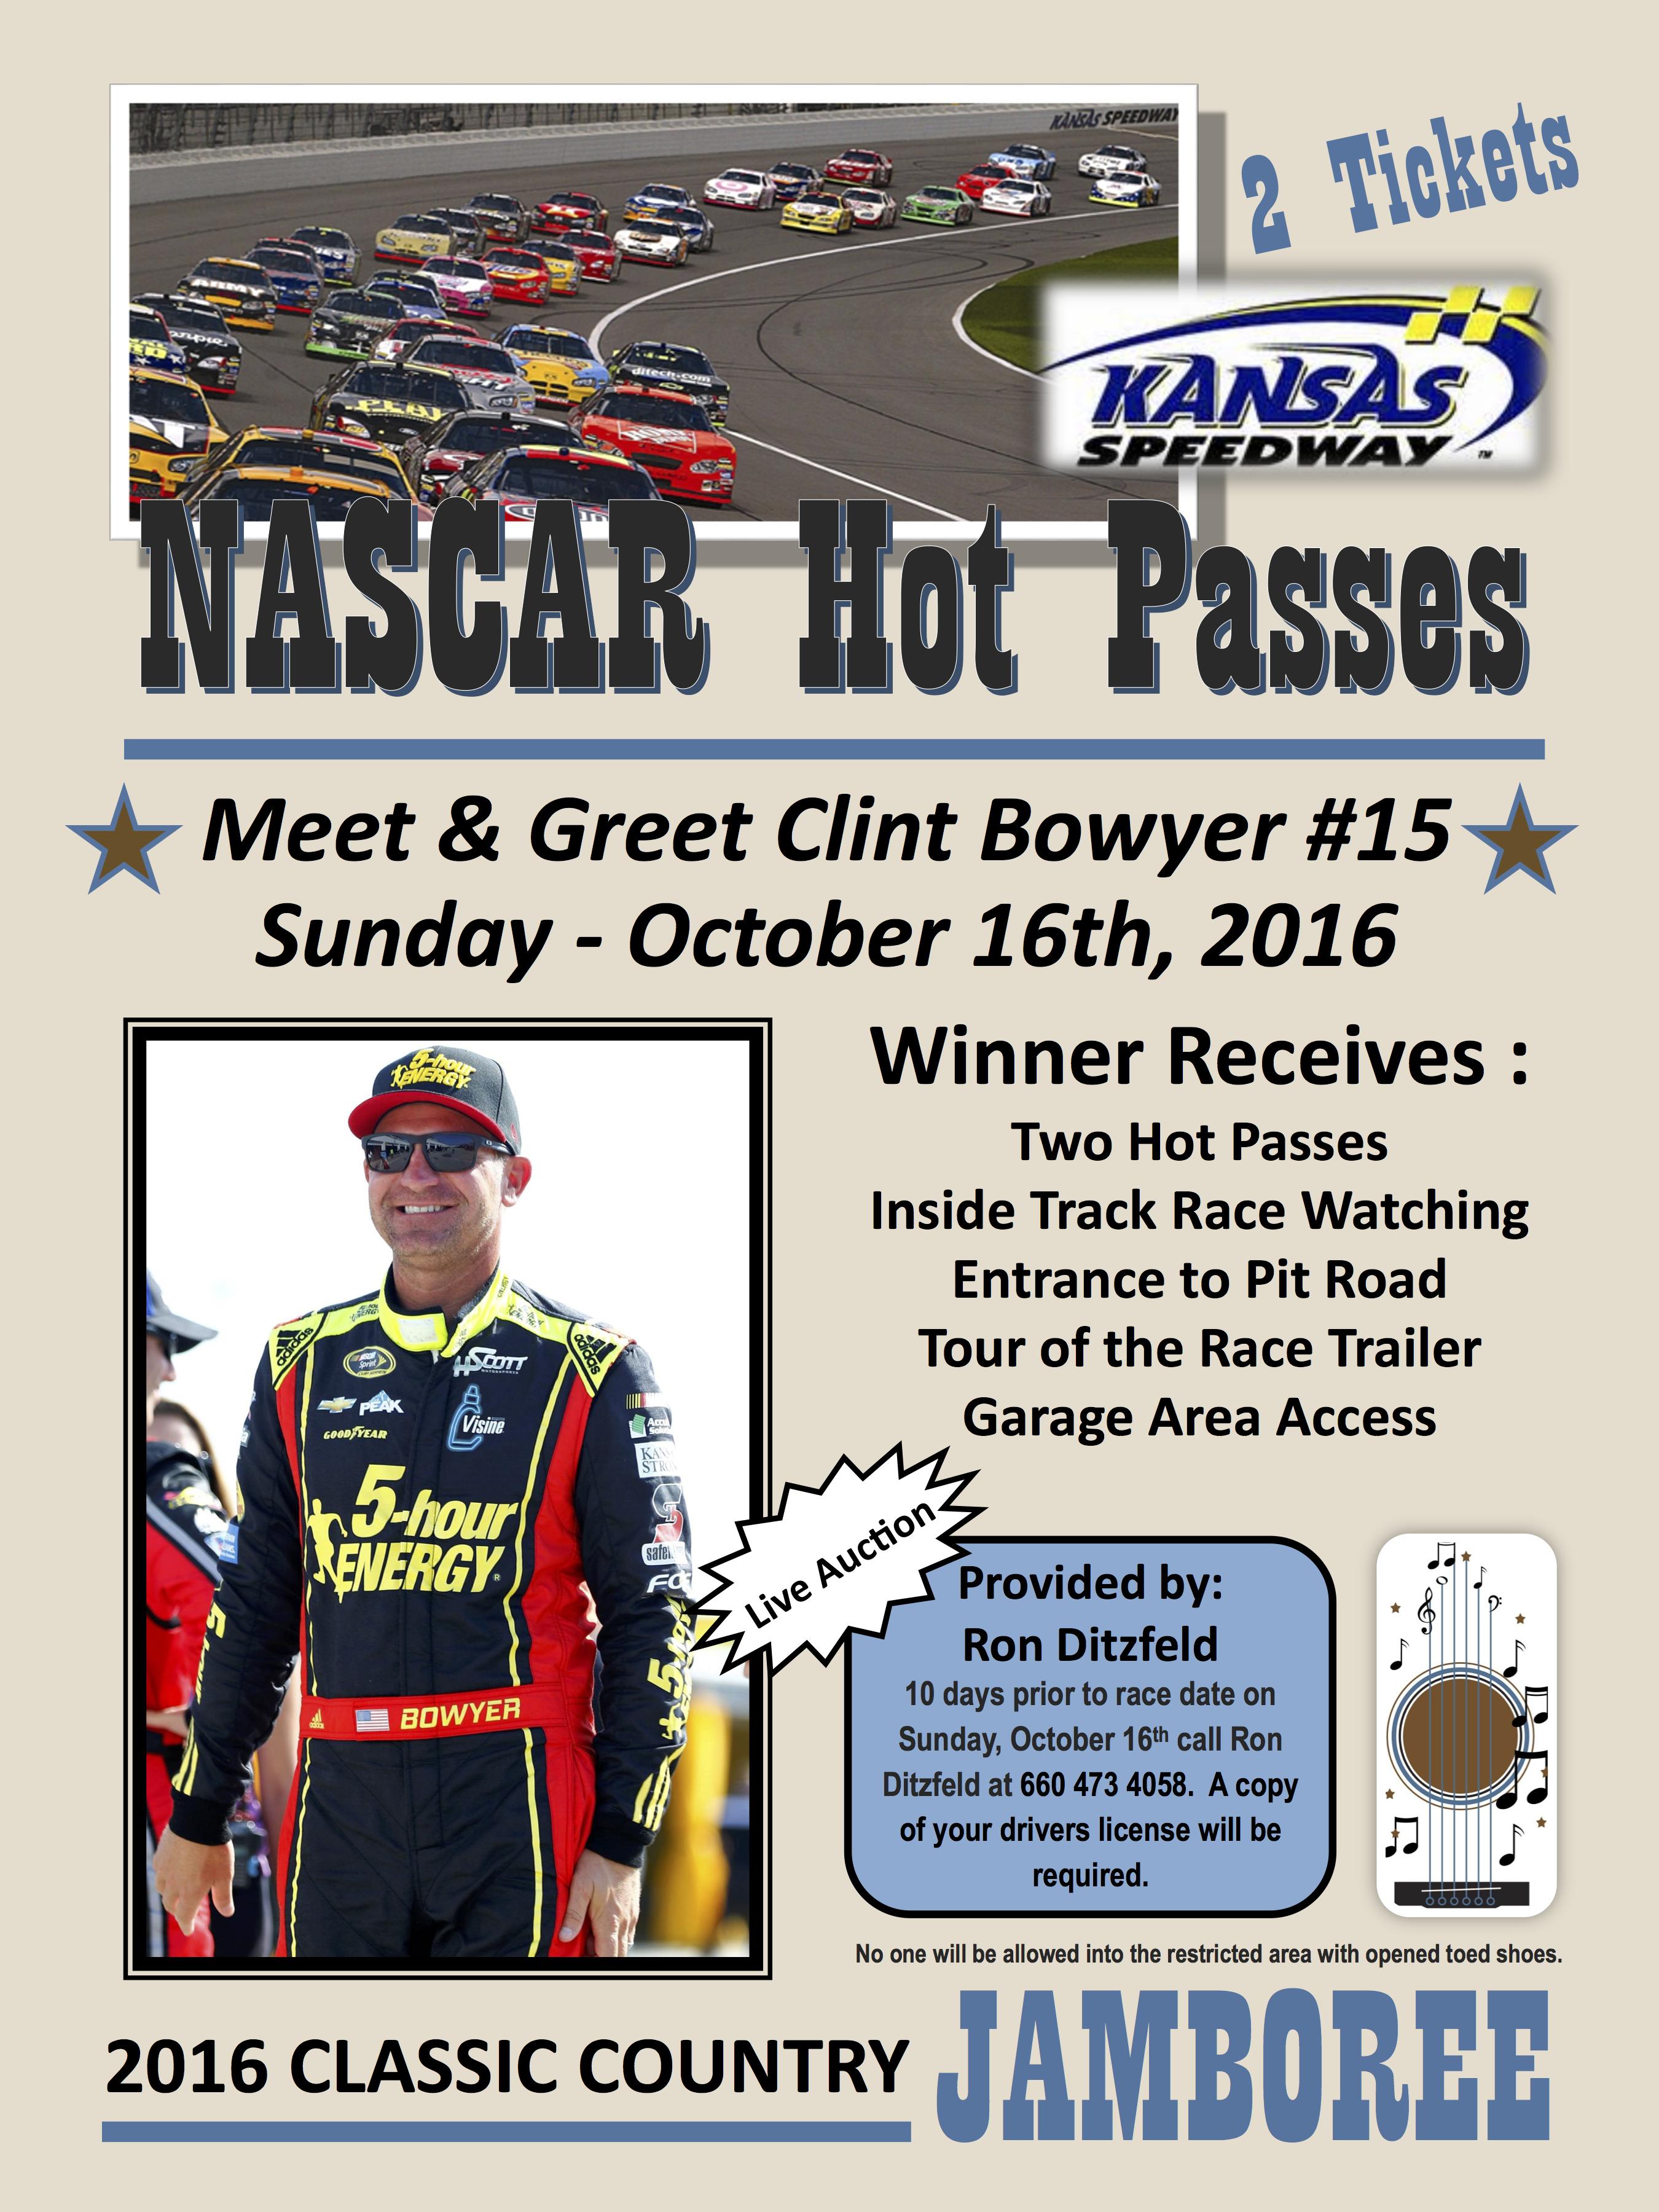 NASCAR Hot Pass Jamboree 2016